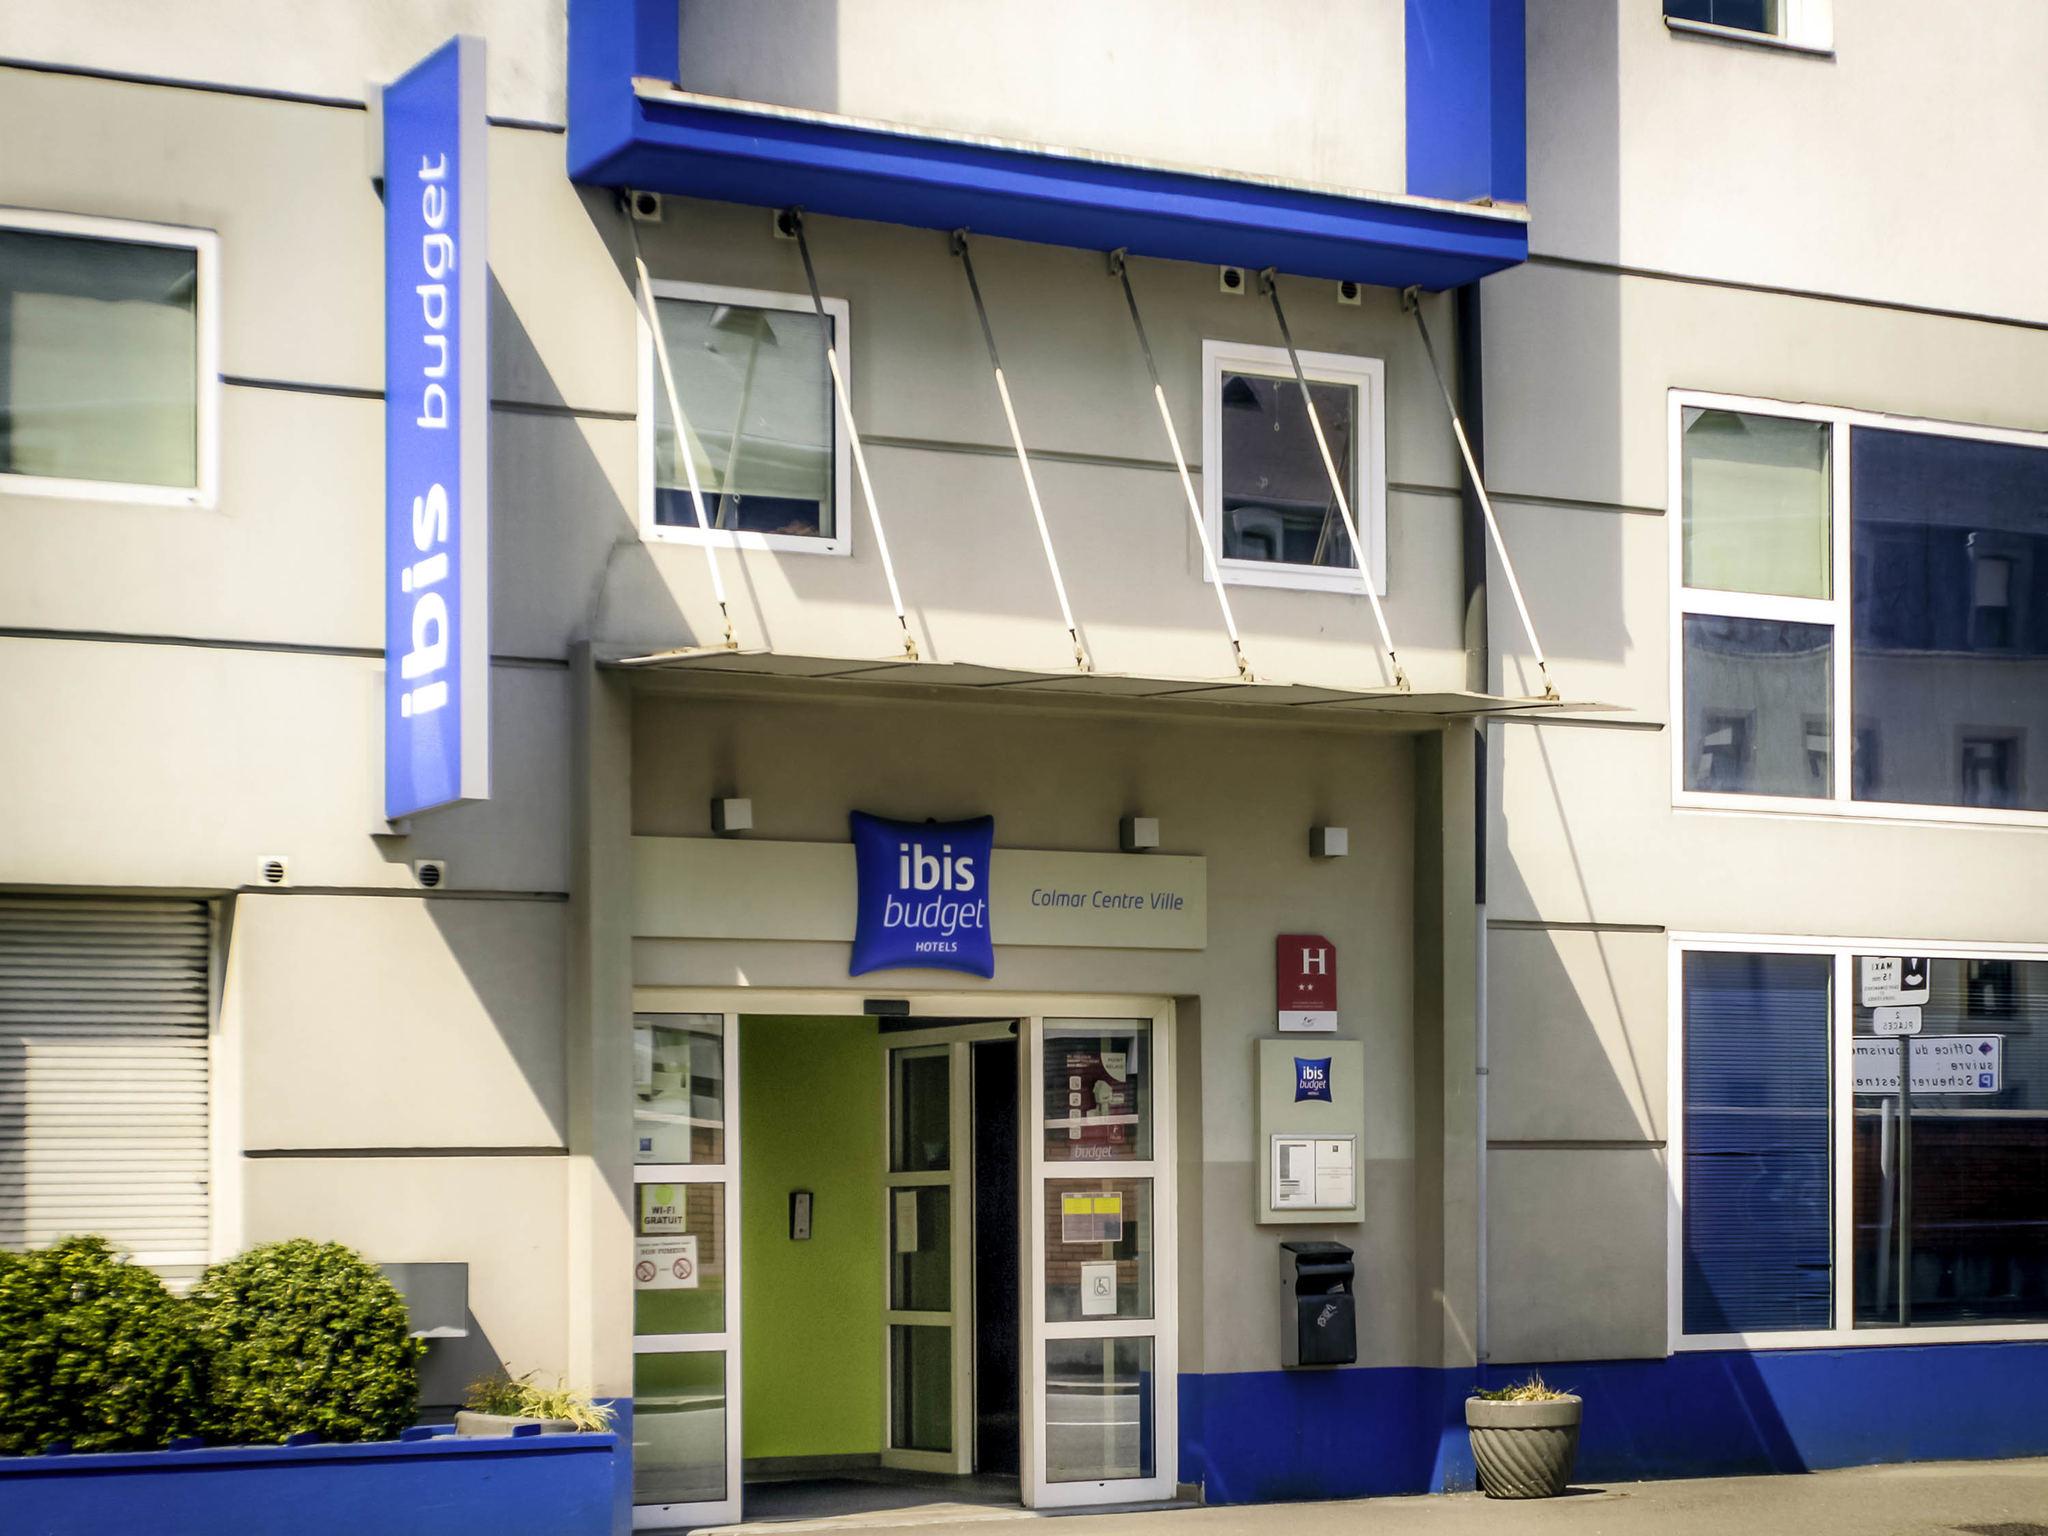 Hotel Ibis Budget Colmar Centre Ville Colmar Frankreich